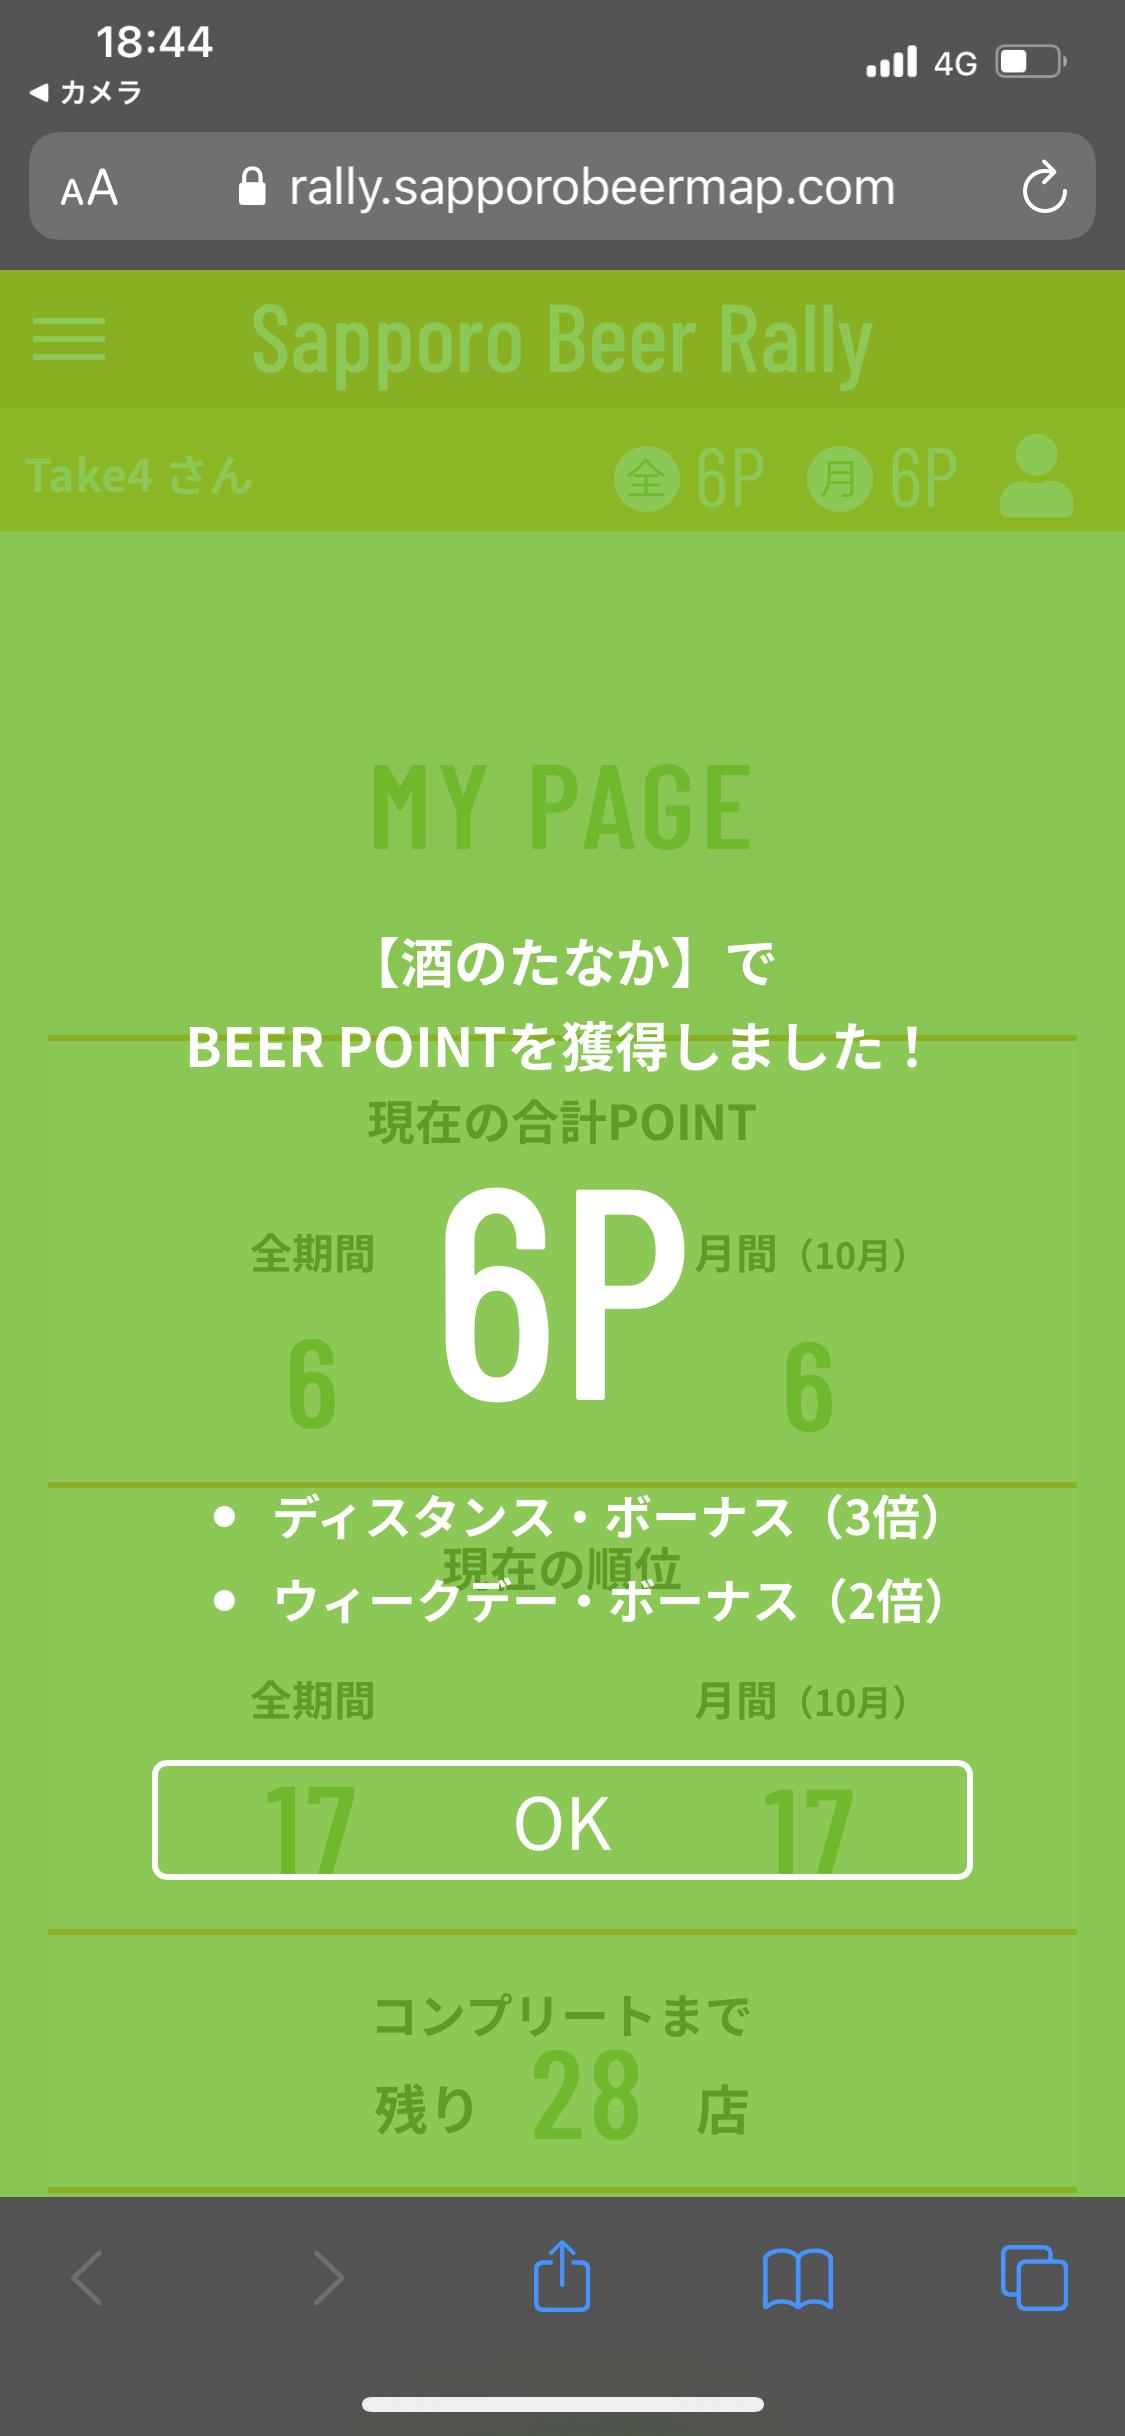 写真:札幌ビアラリーのポイント獲得画面